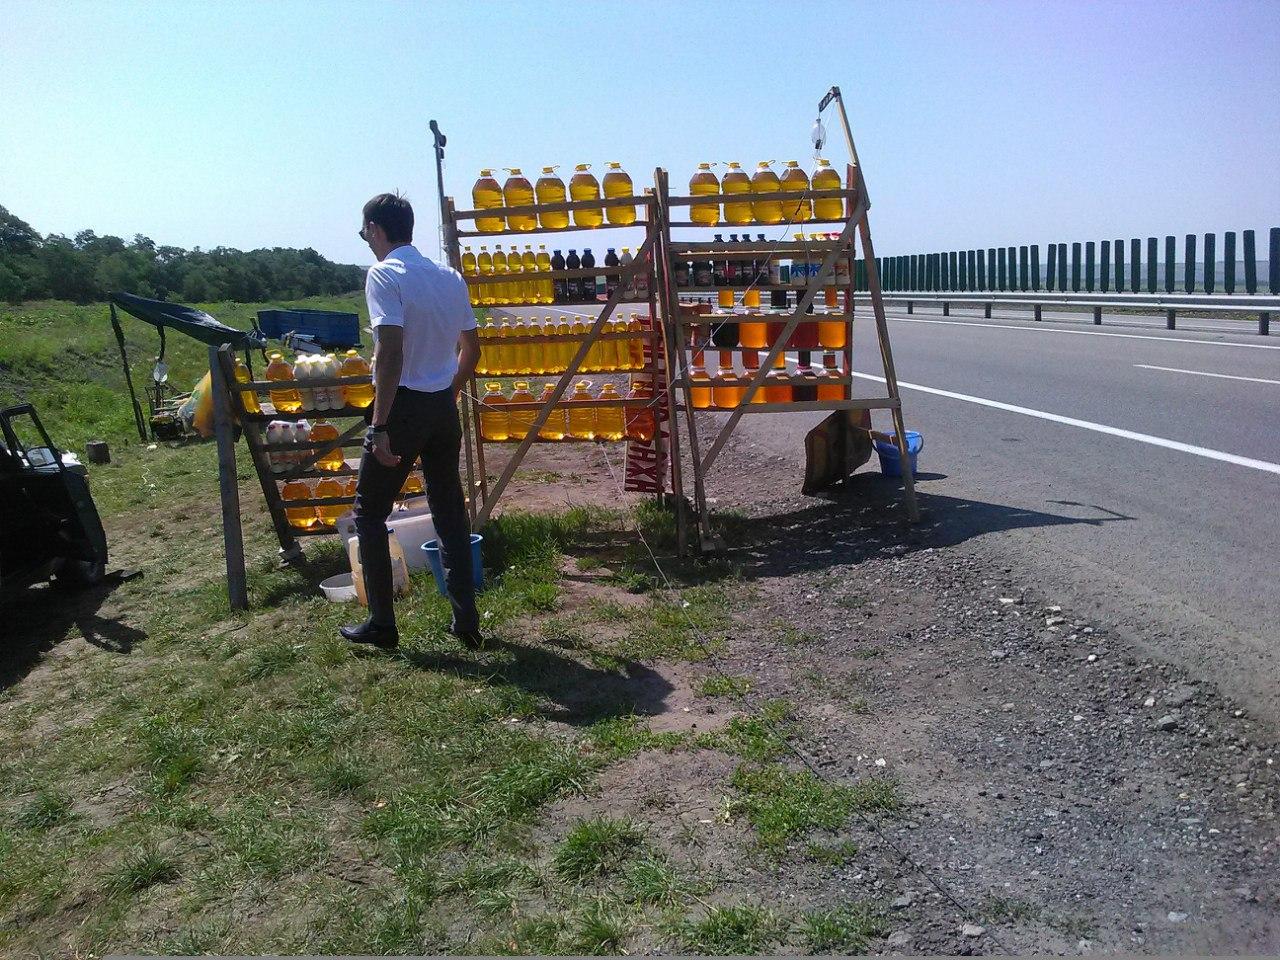 Ветинспекторы усомнились в безопасности в безопасности 120 кг меда и 730 кг бахчевых